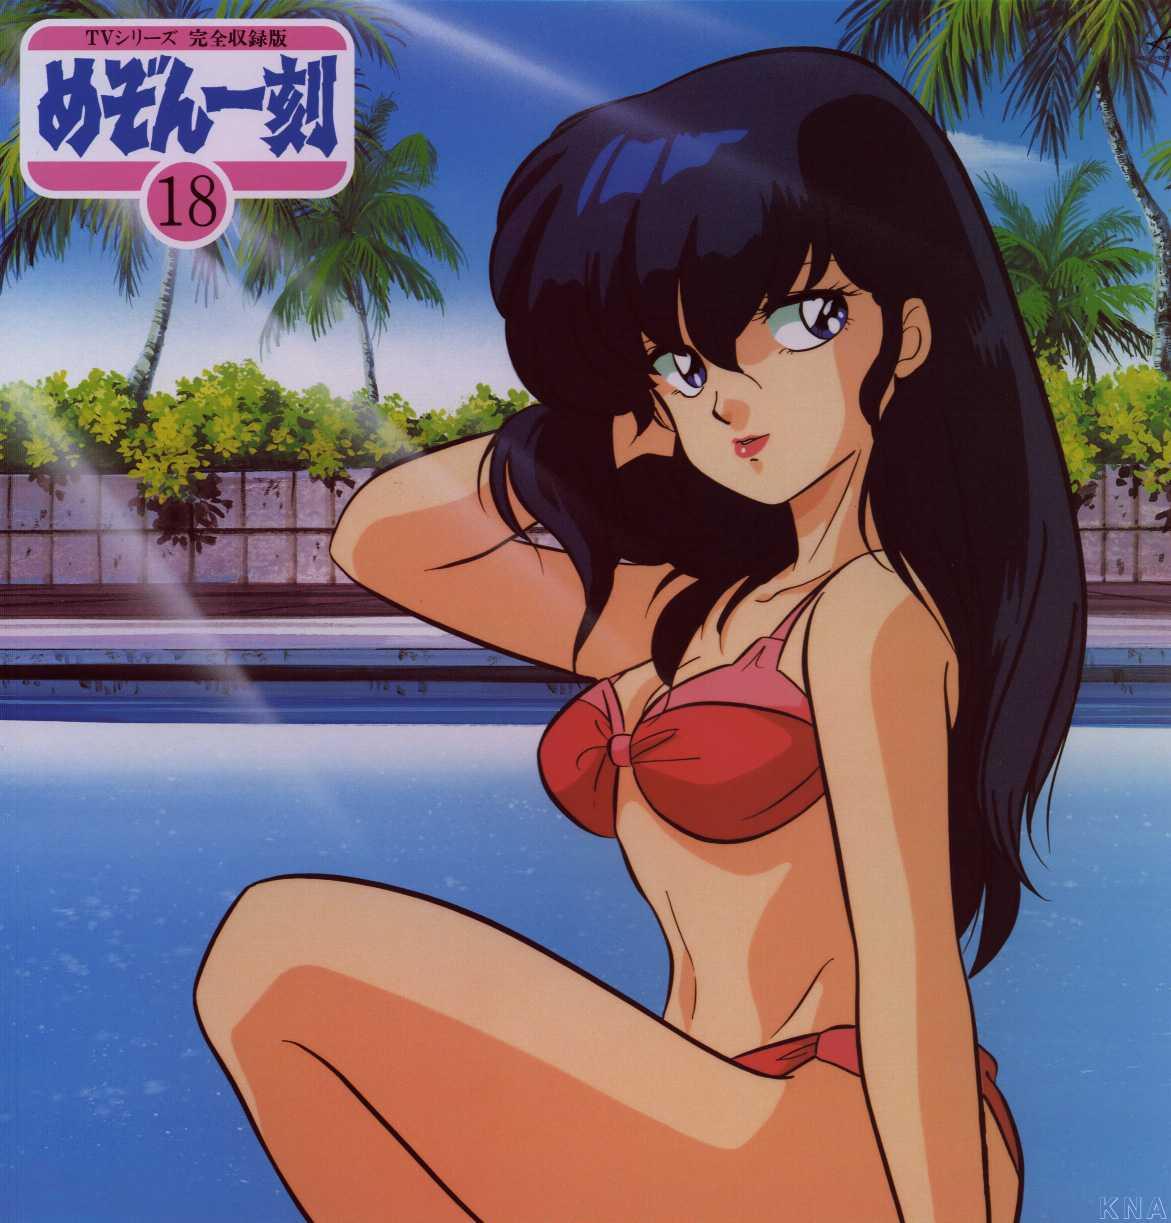 Maison ikkoku cara dolce kyoko ld covers for Anime maison ikkoku